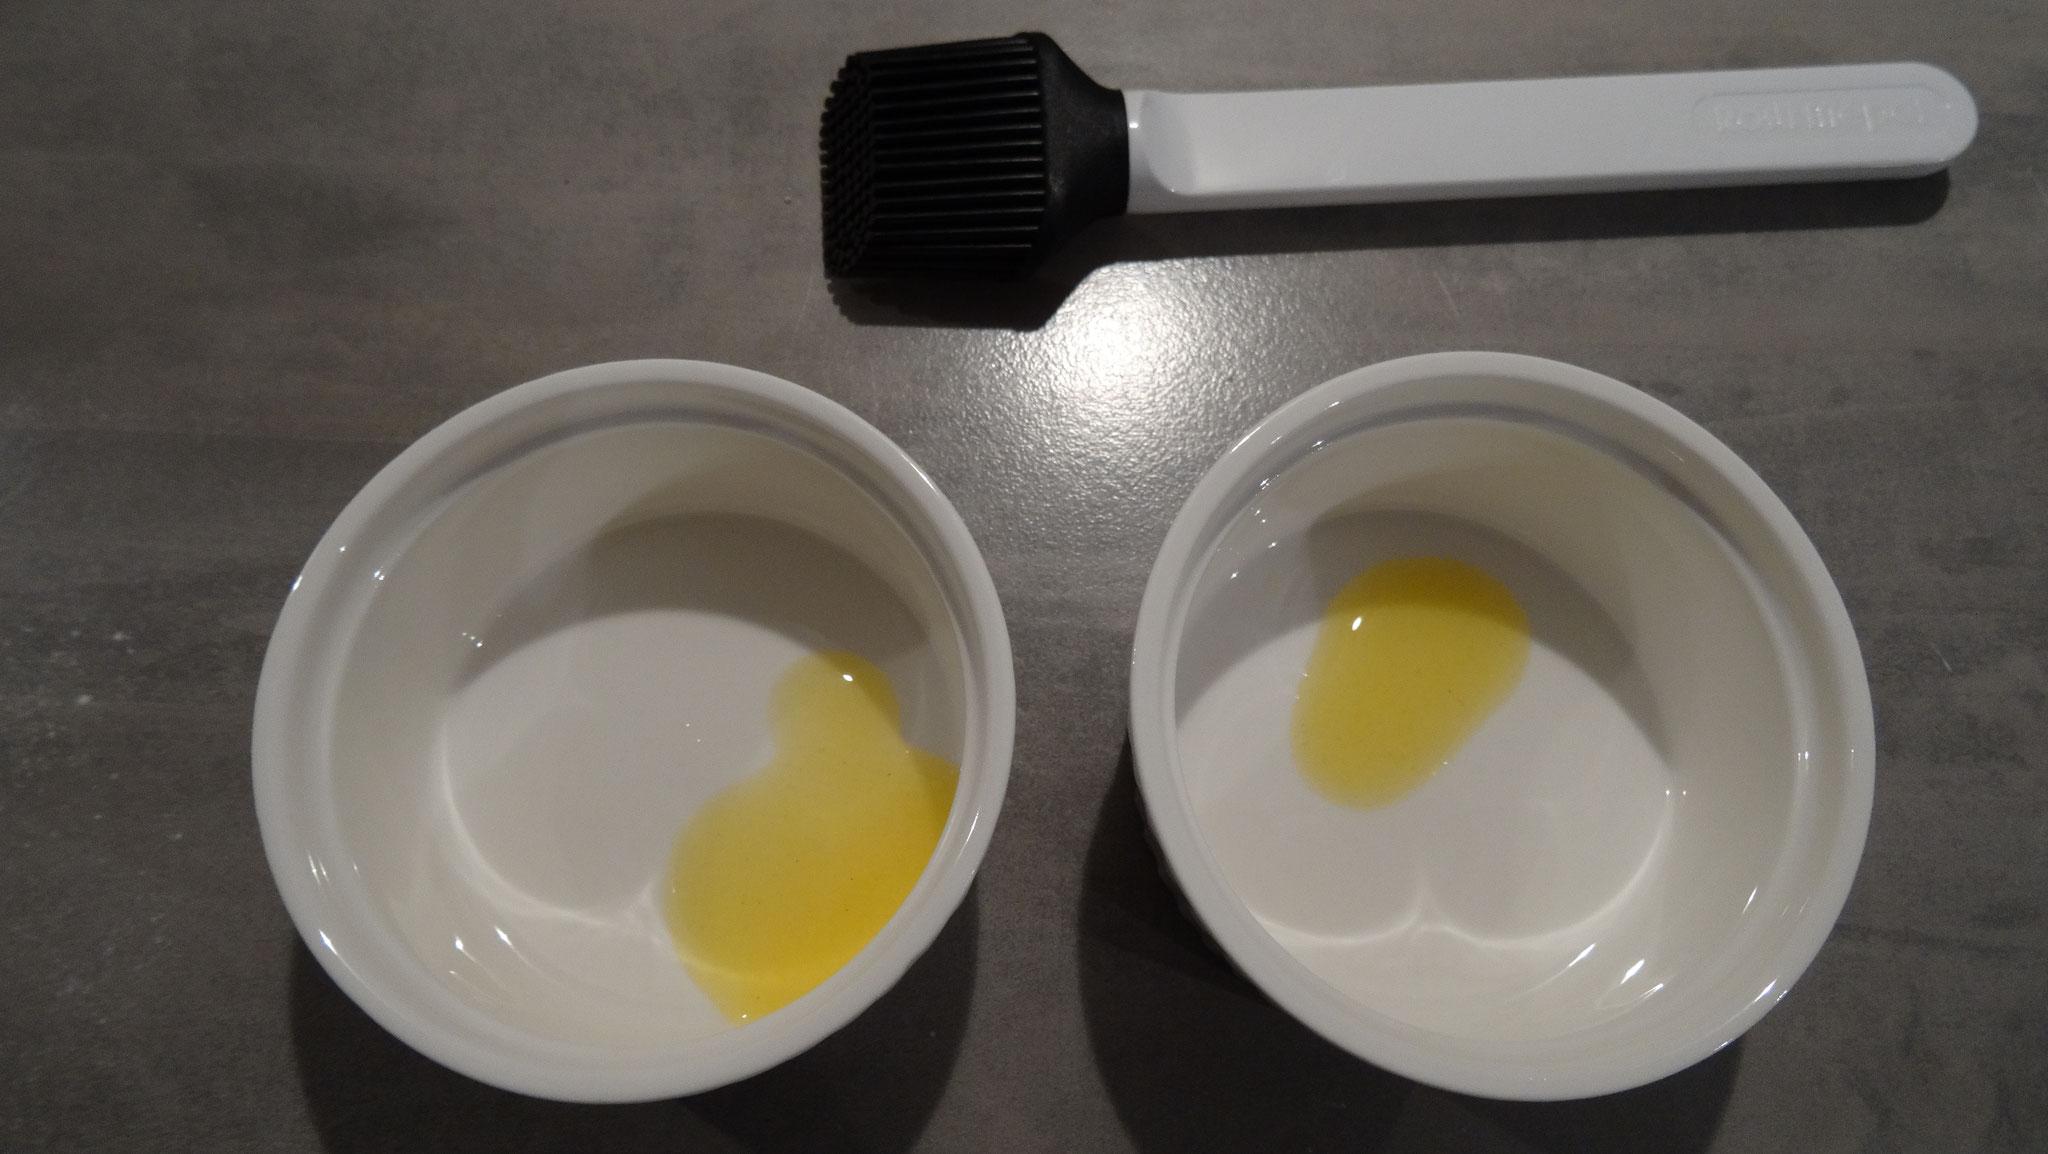 Beetje boter in de schaaltjes